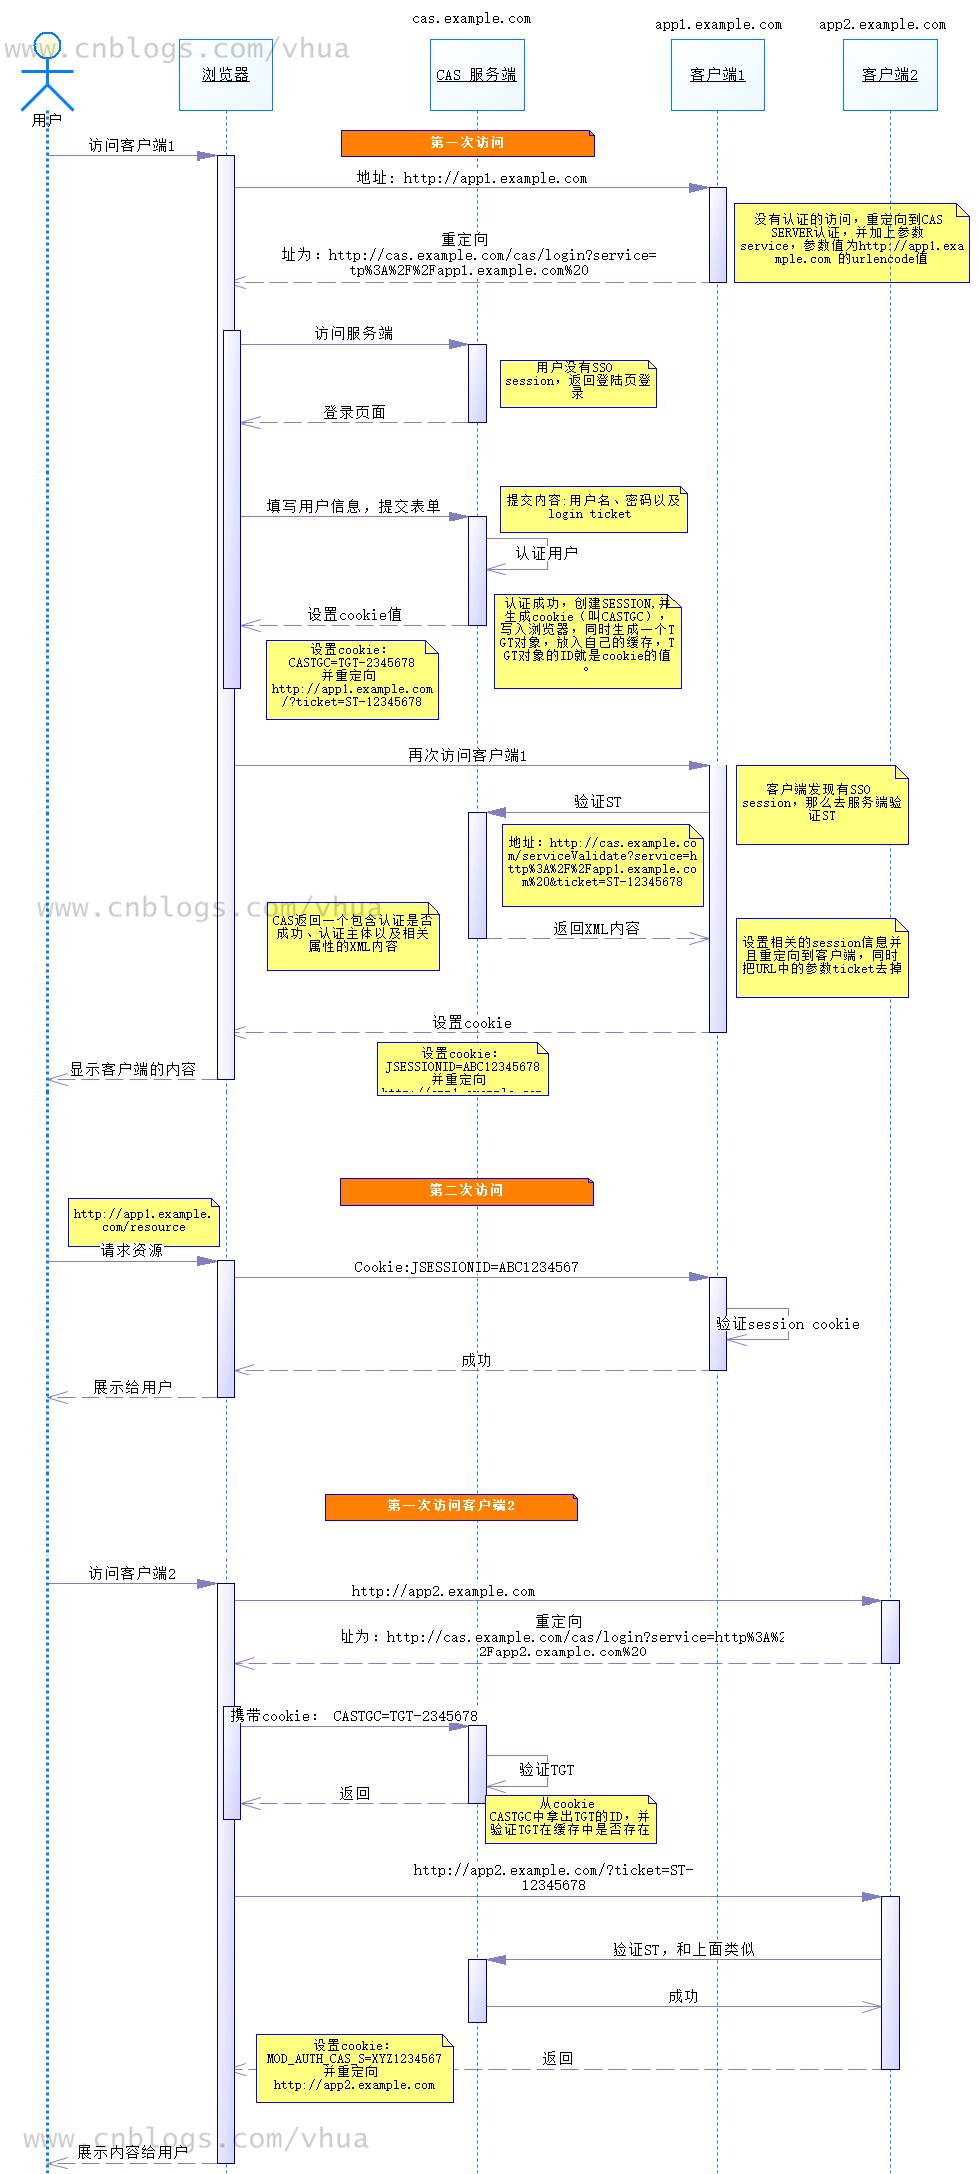 CAS 基本流程图(没有使用PROXY代理)